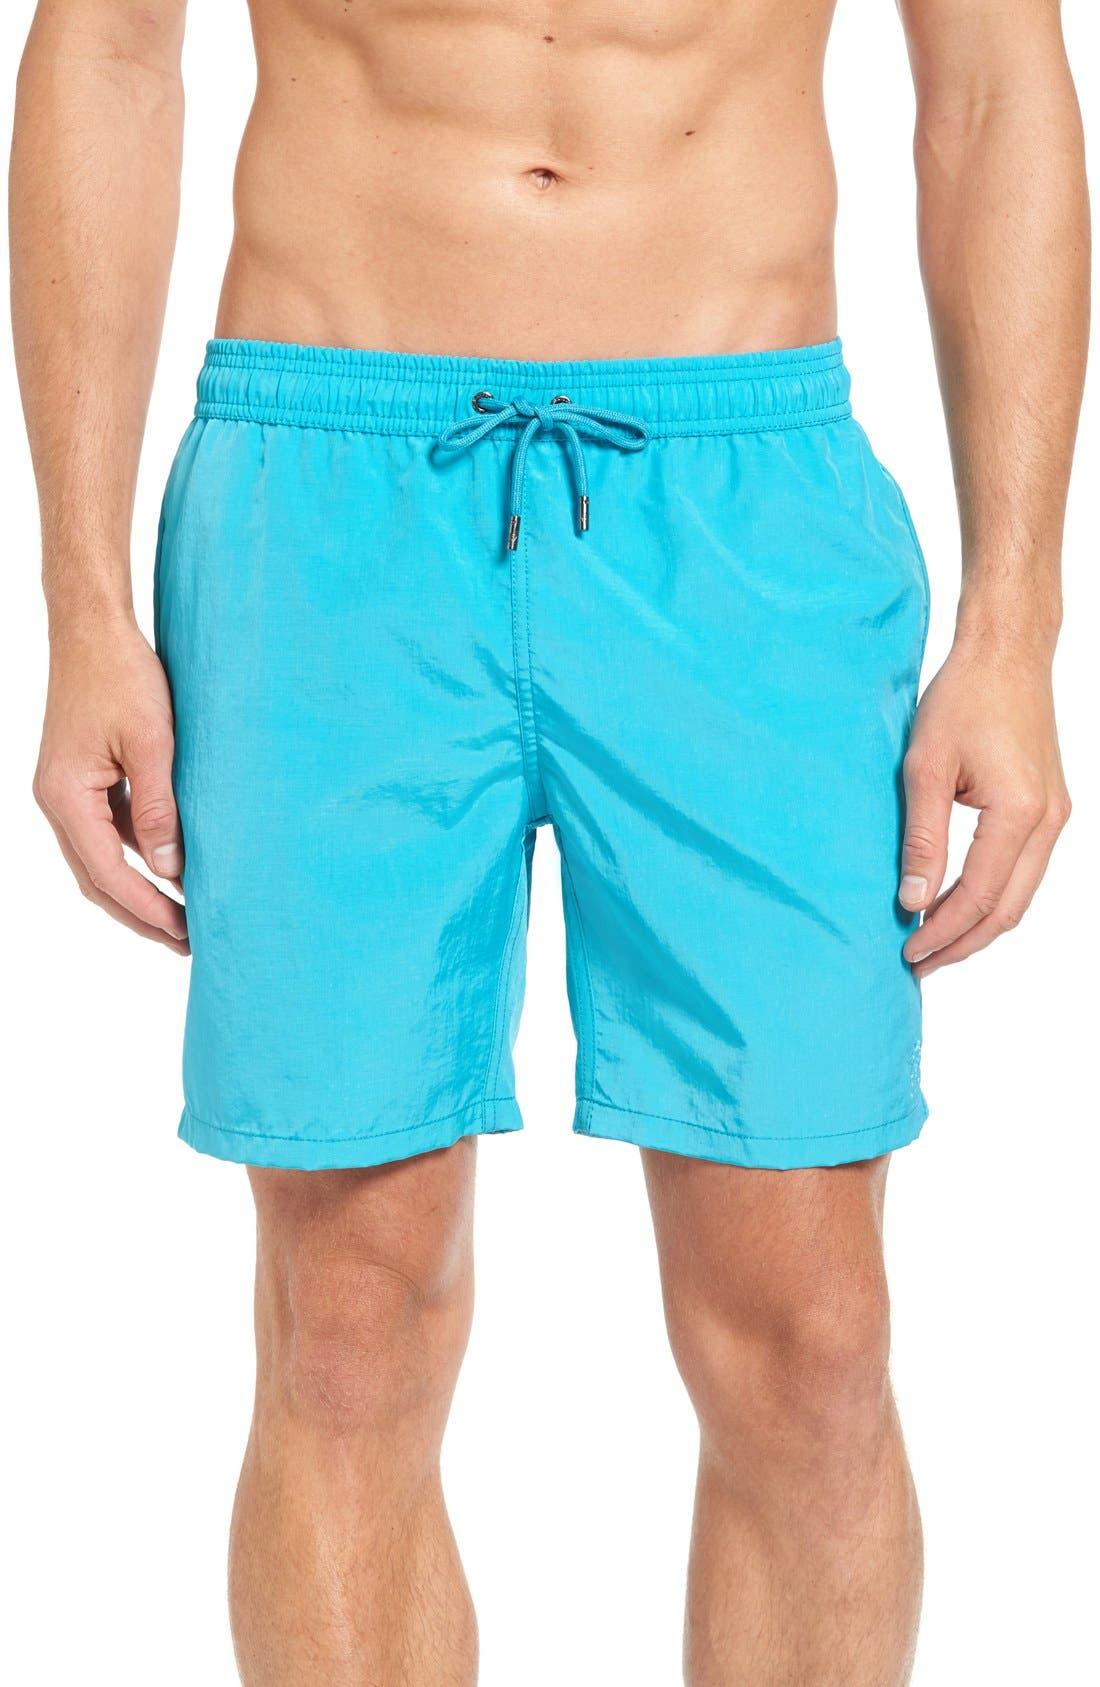 Cerulean Solid Swim Trunks,                         Main,                         color, Cerulean